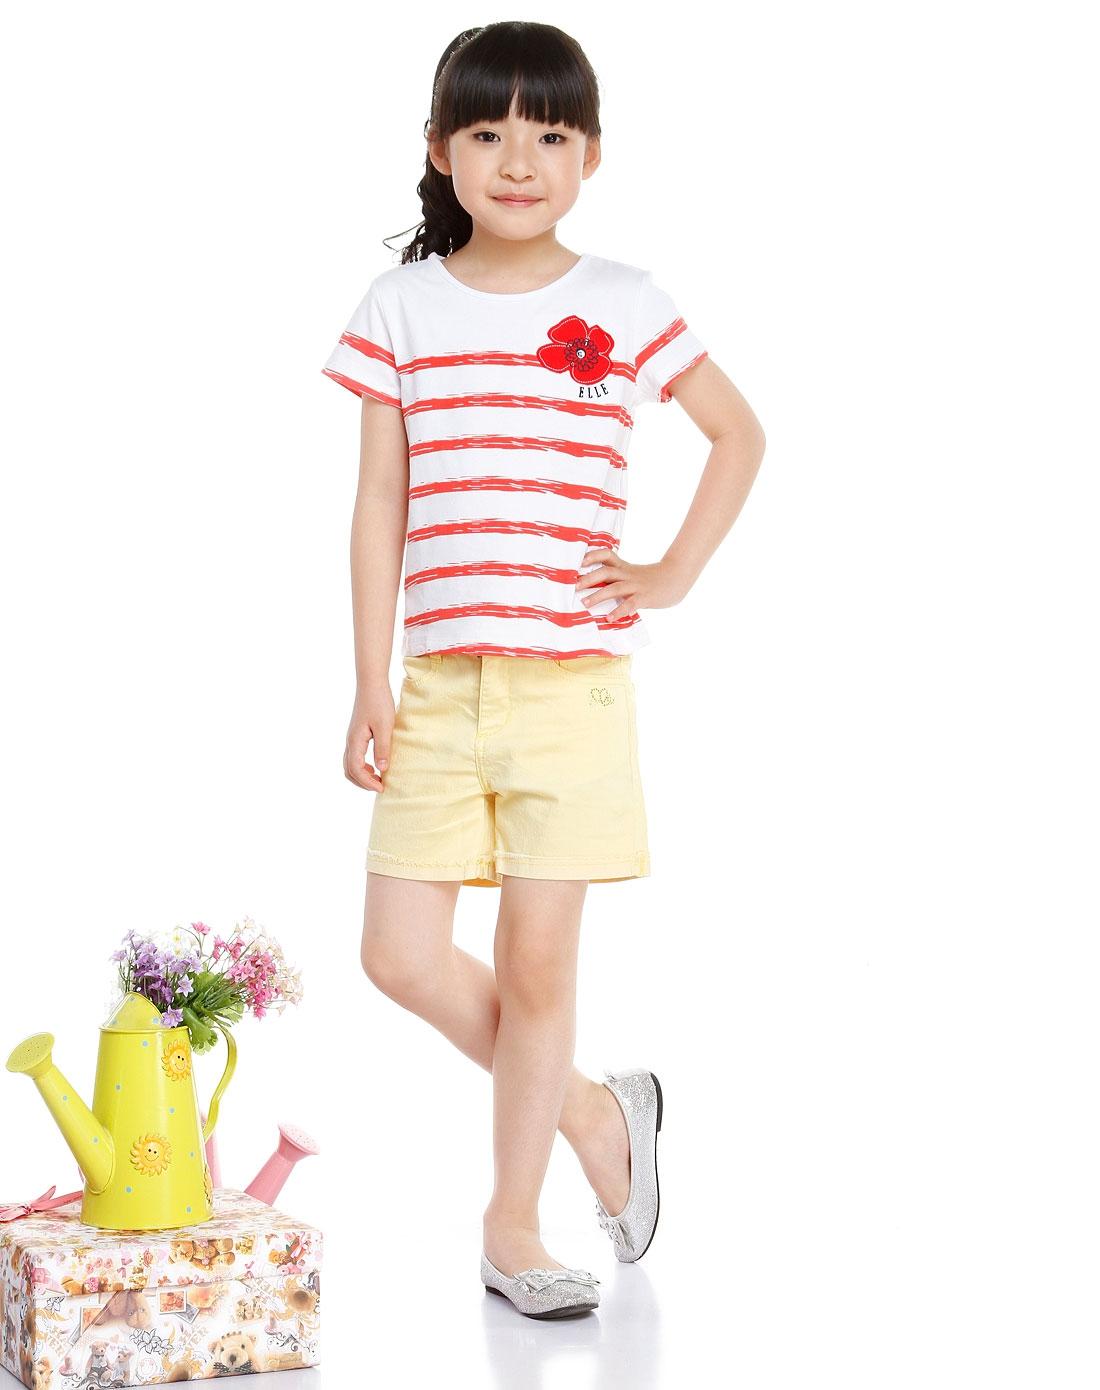 女童手绘间条白底红色针织短袖t恤